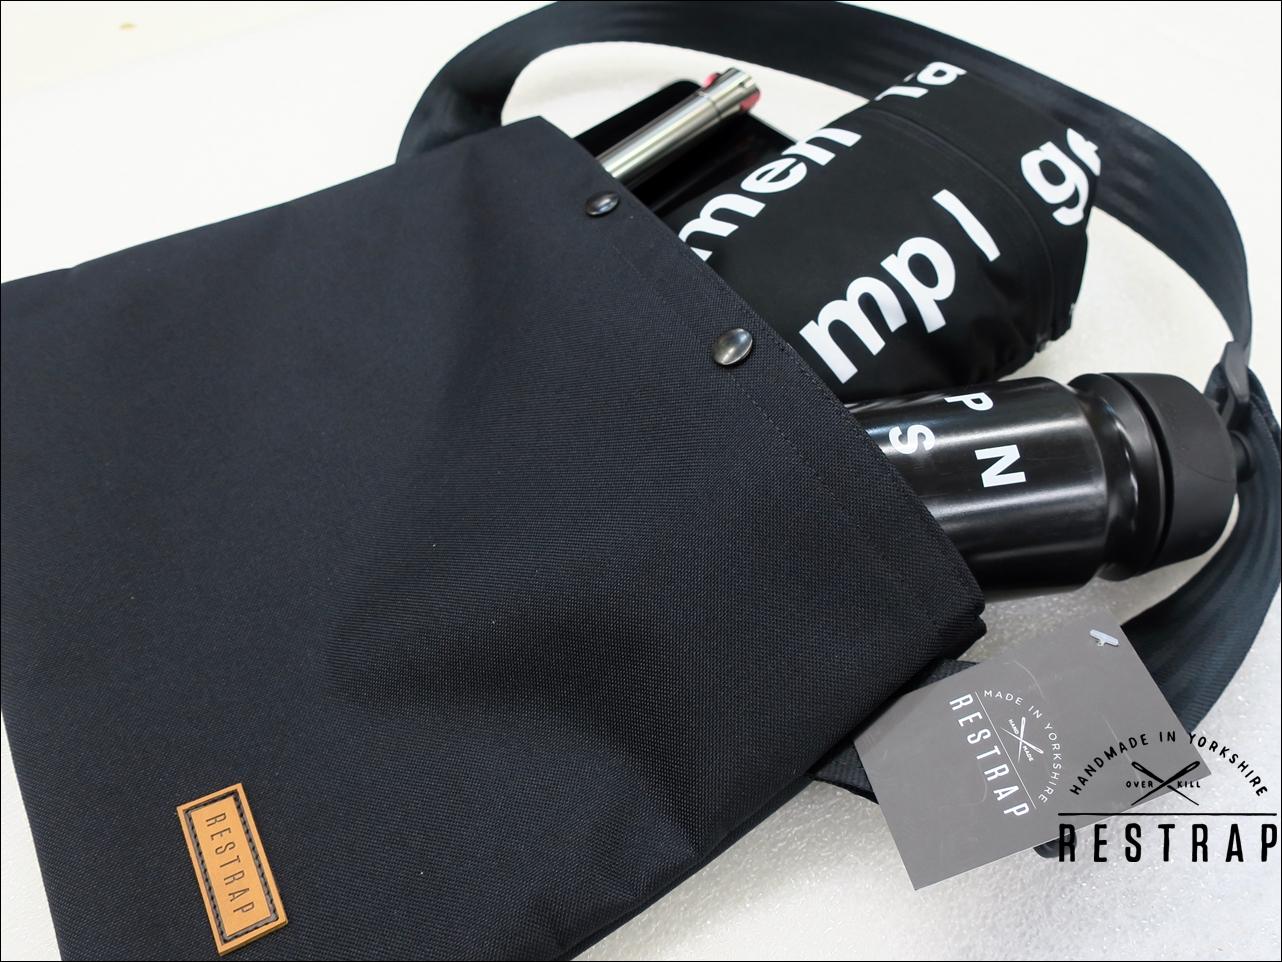 Grey Restrap Musette Bag